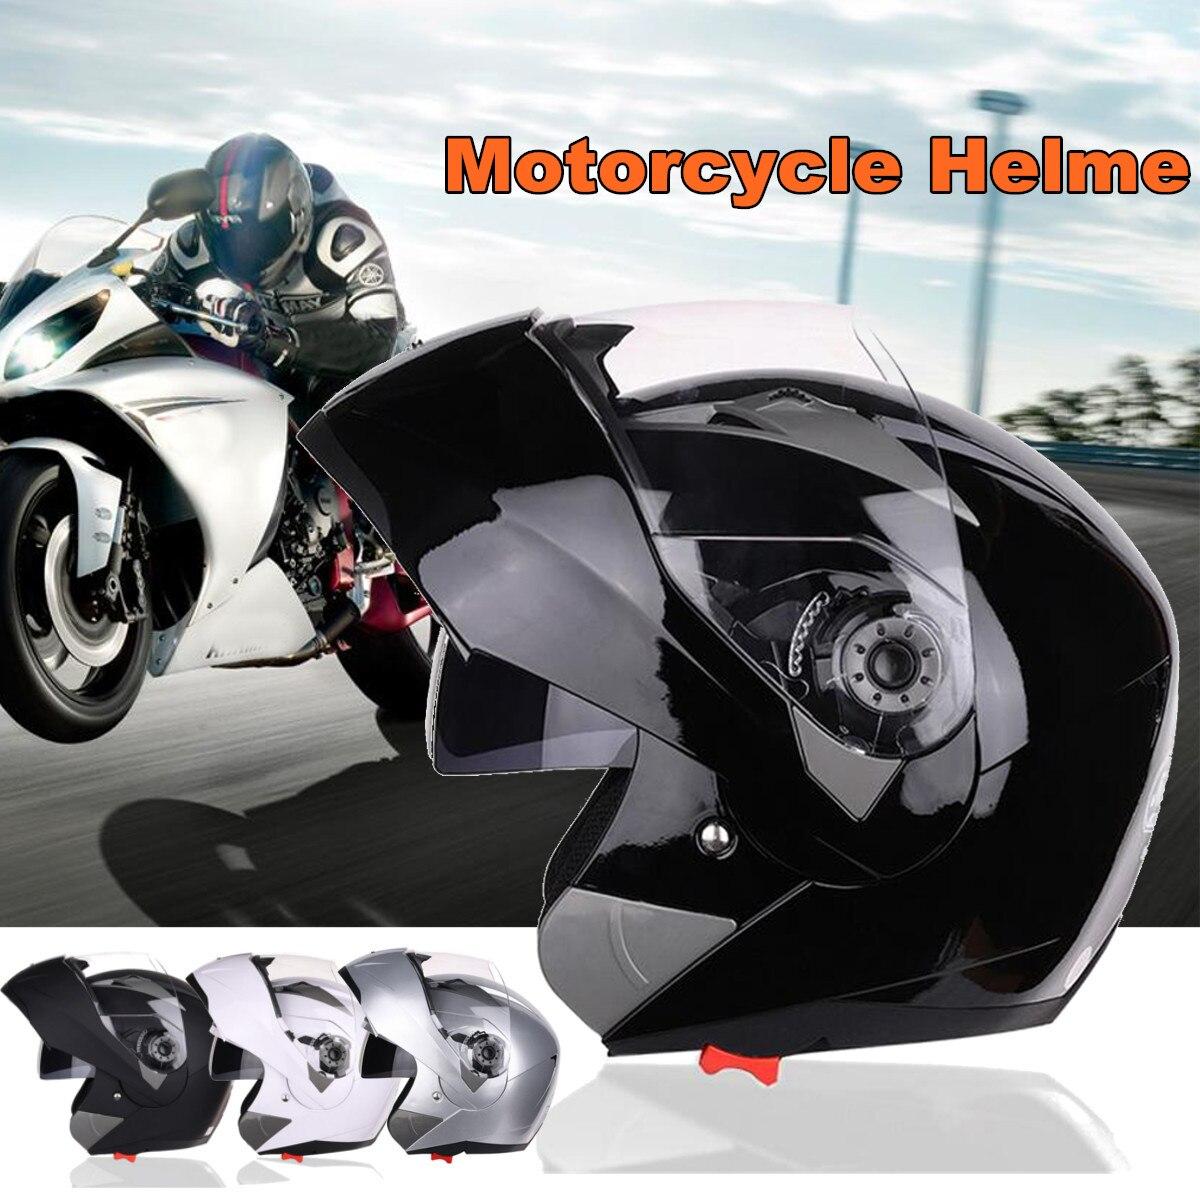 SV casque de moto intégral modulaire Flip Up avant moto Crash casque pare-soleil engrenages de protection accessoires 4 couleurs